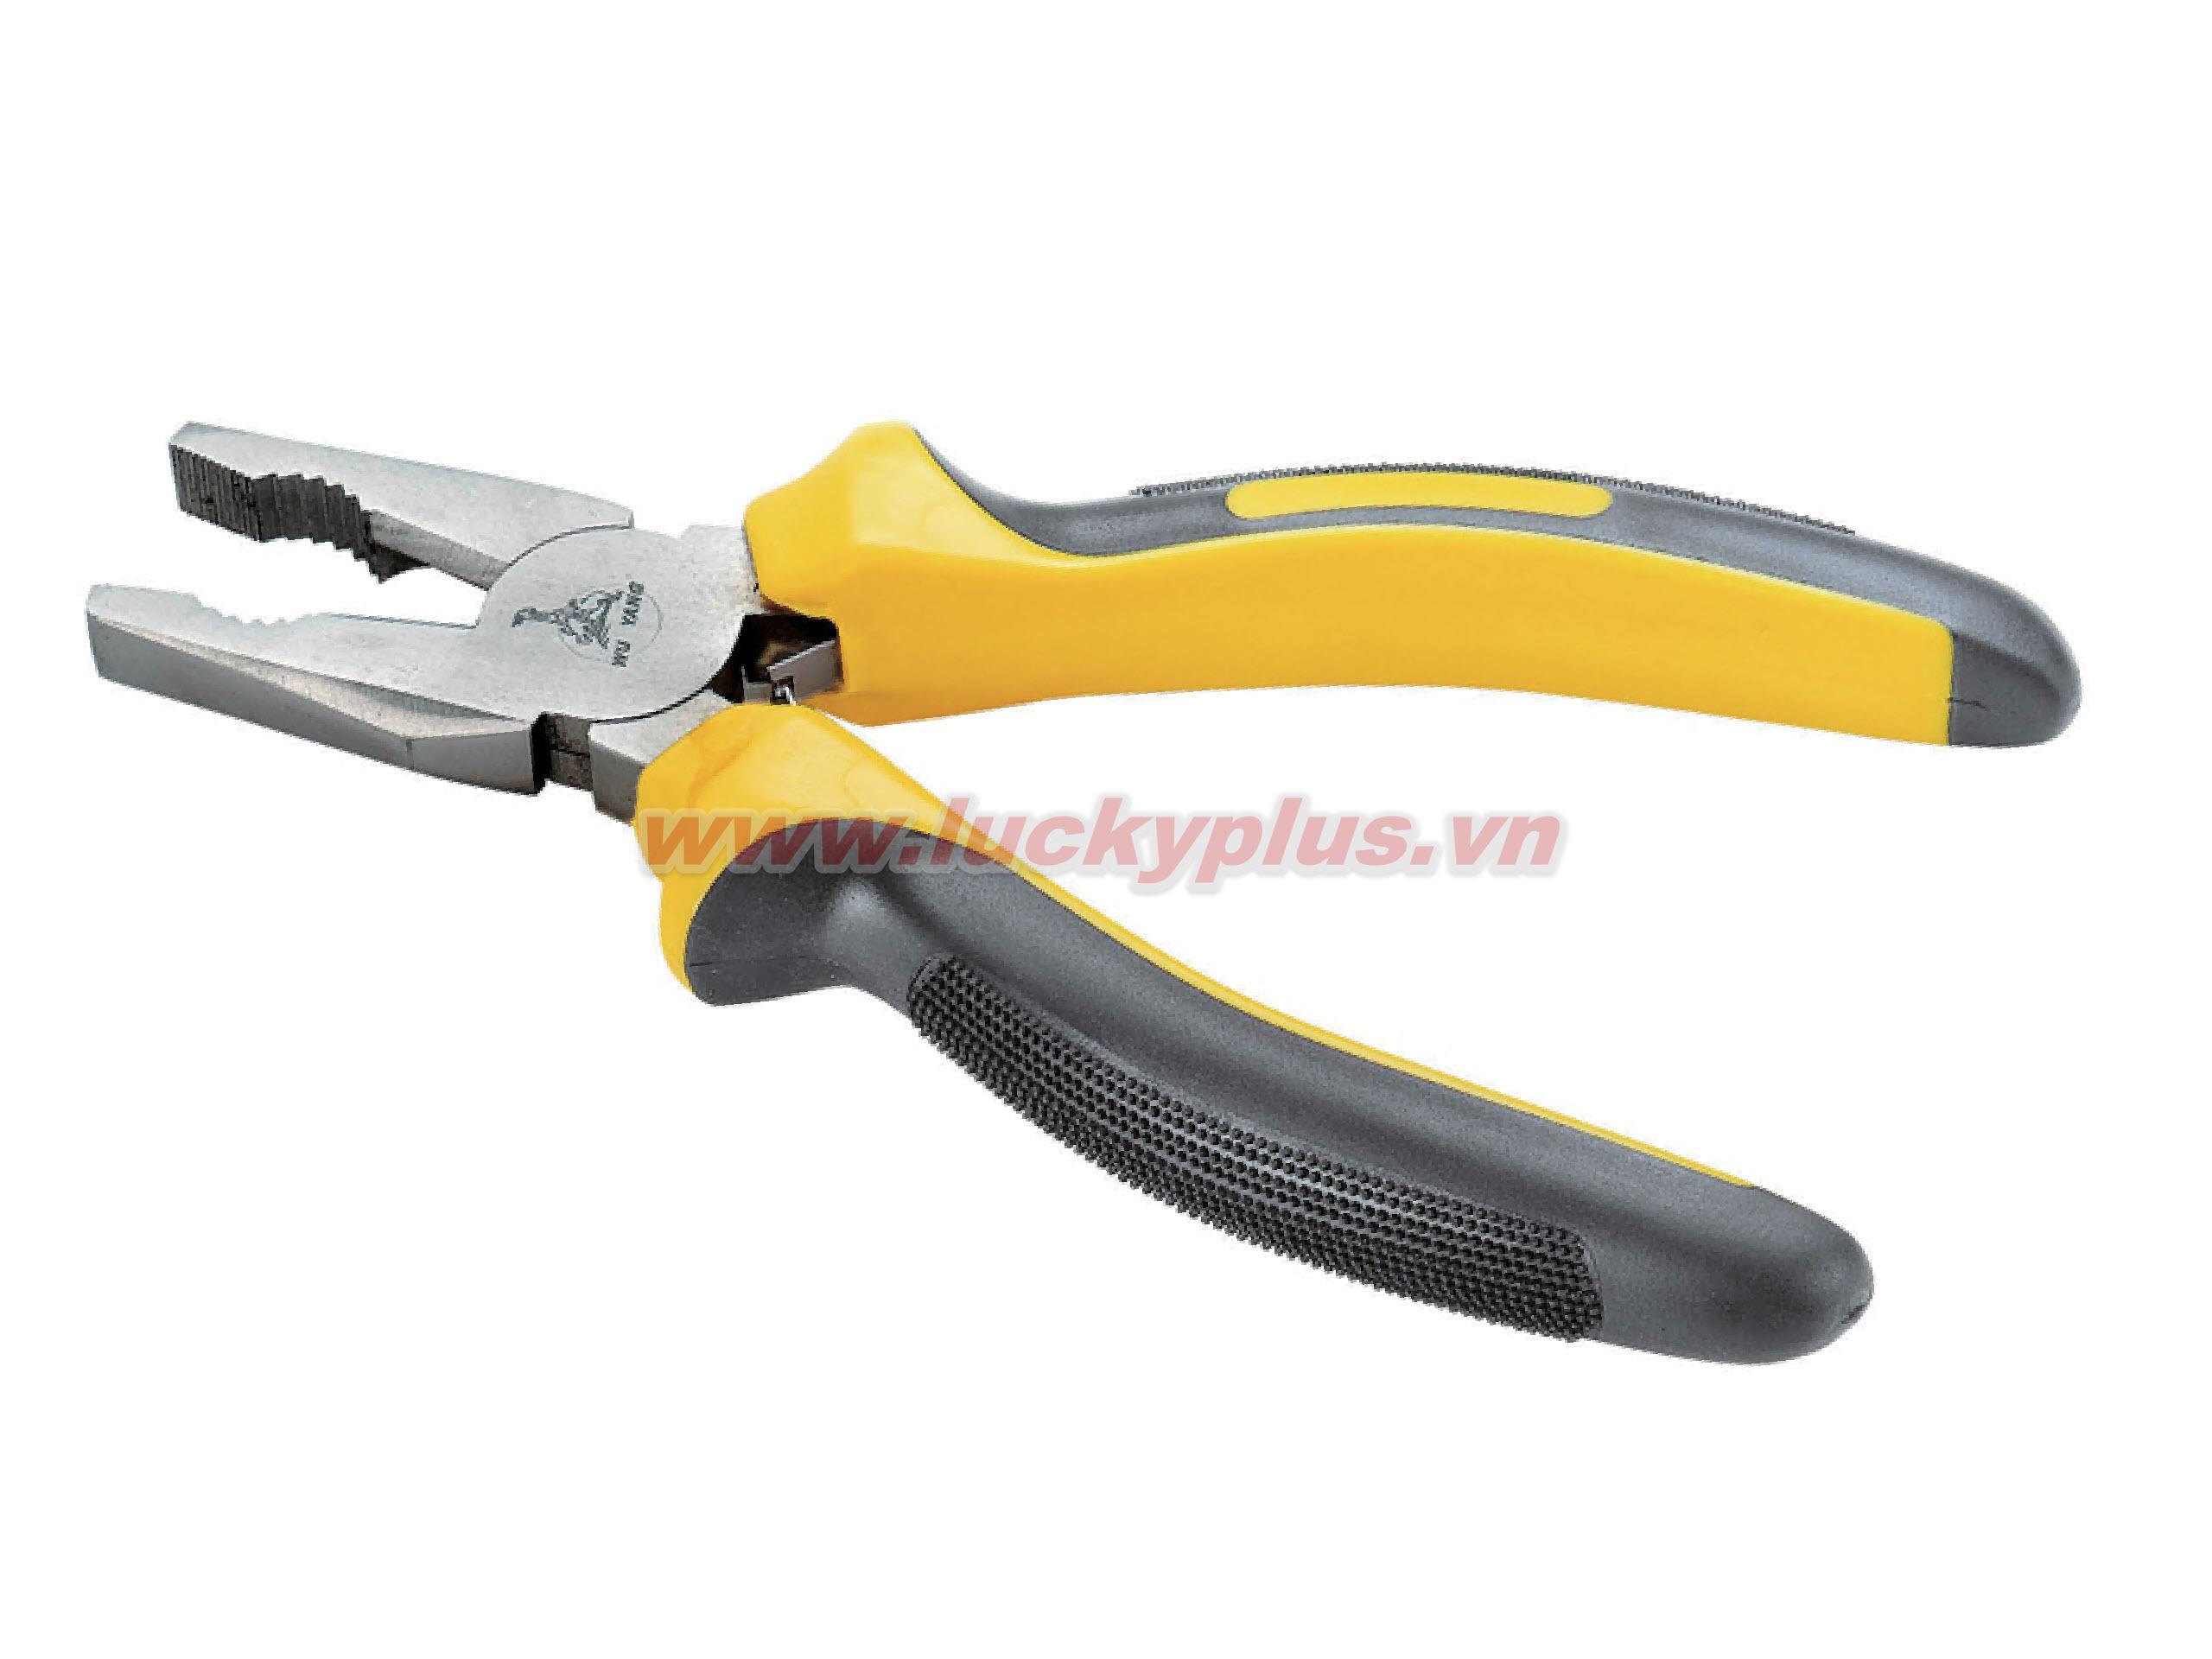 Kìm kết hợp FiveSheep FS-12216 6''/150mm, FS-12218 8''/200mm